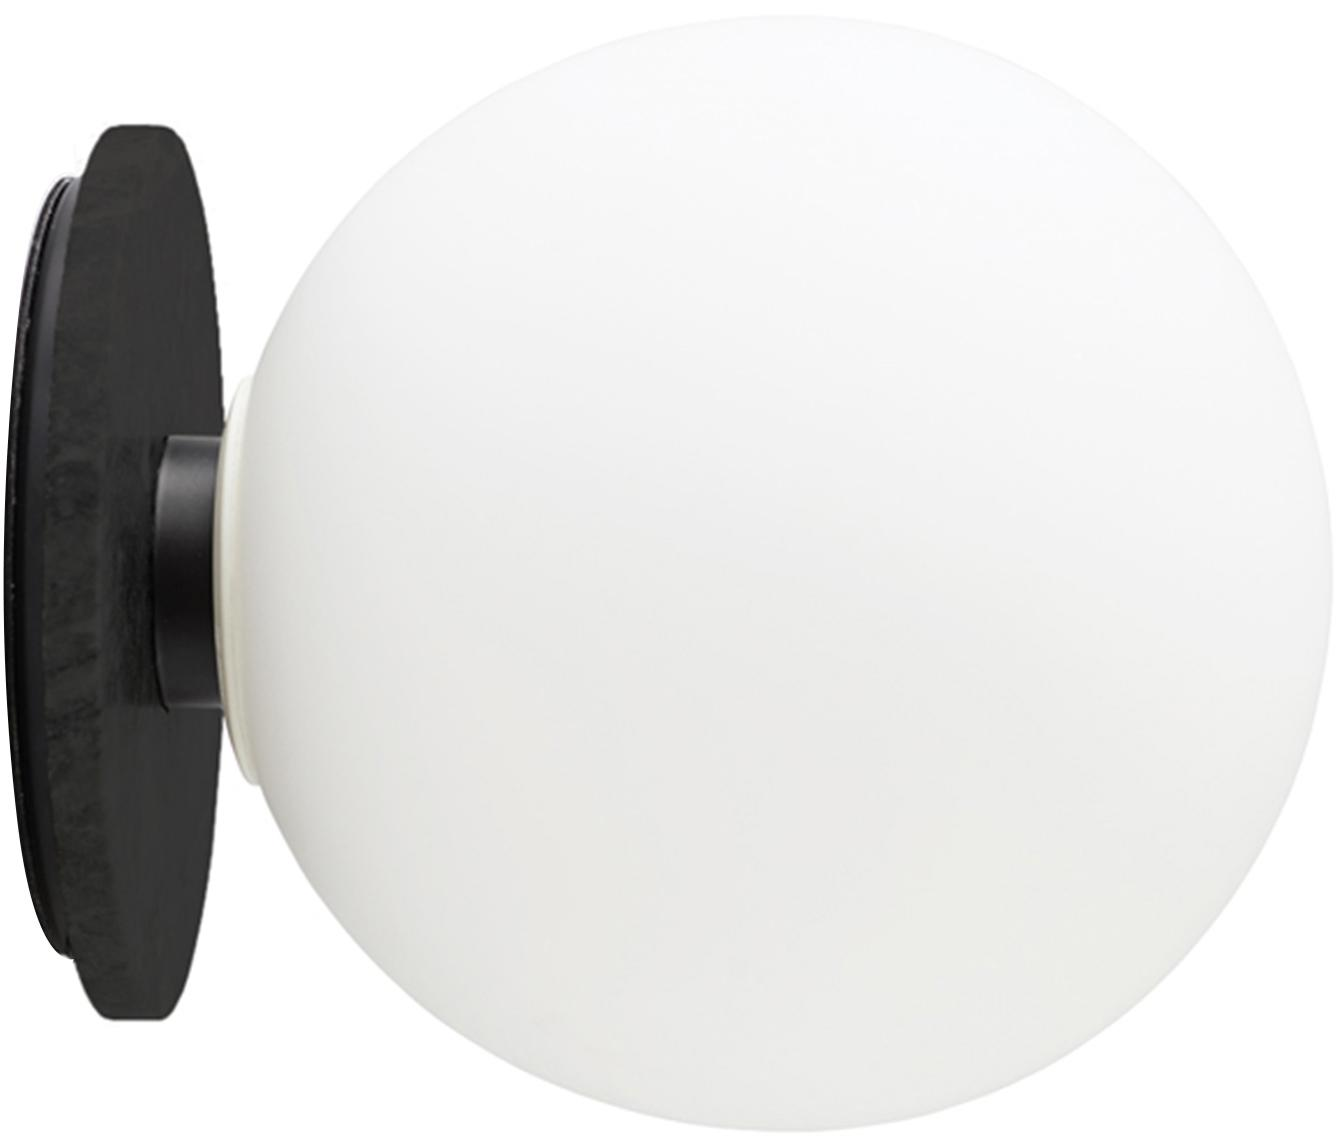 Applique a LED TR Bulb, Paralume: vetro opalino, Base della lampada: acciaio verniciato a polv, Bianco, nero, Ø 20 x Prof. 22 cm